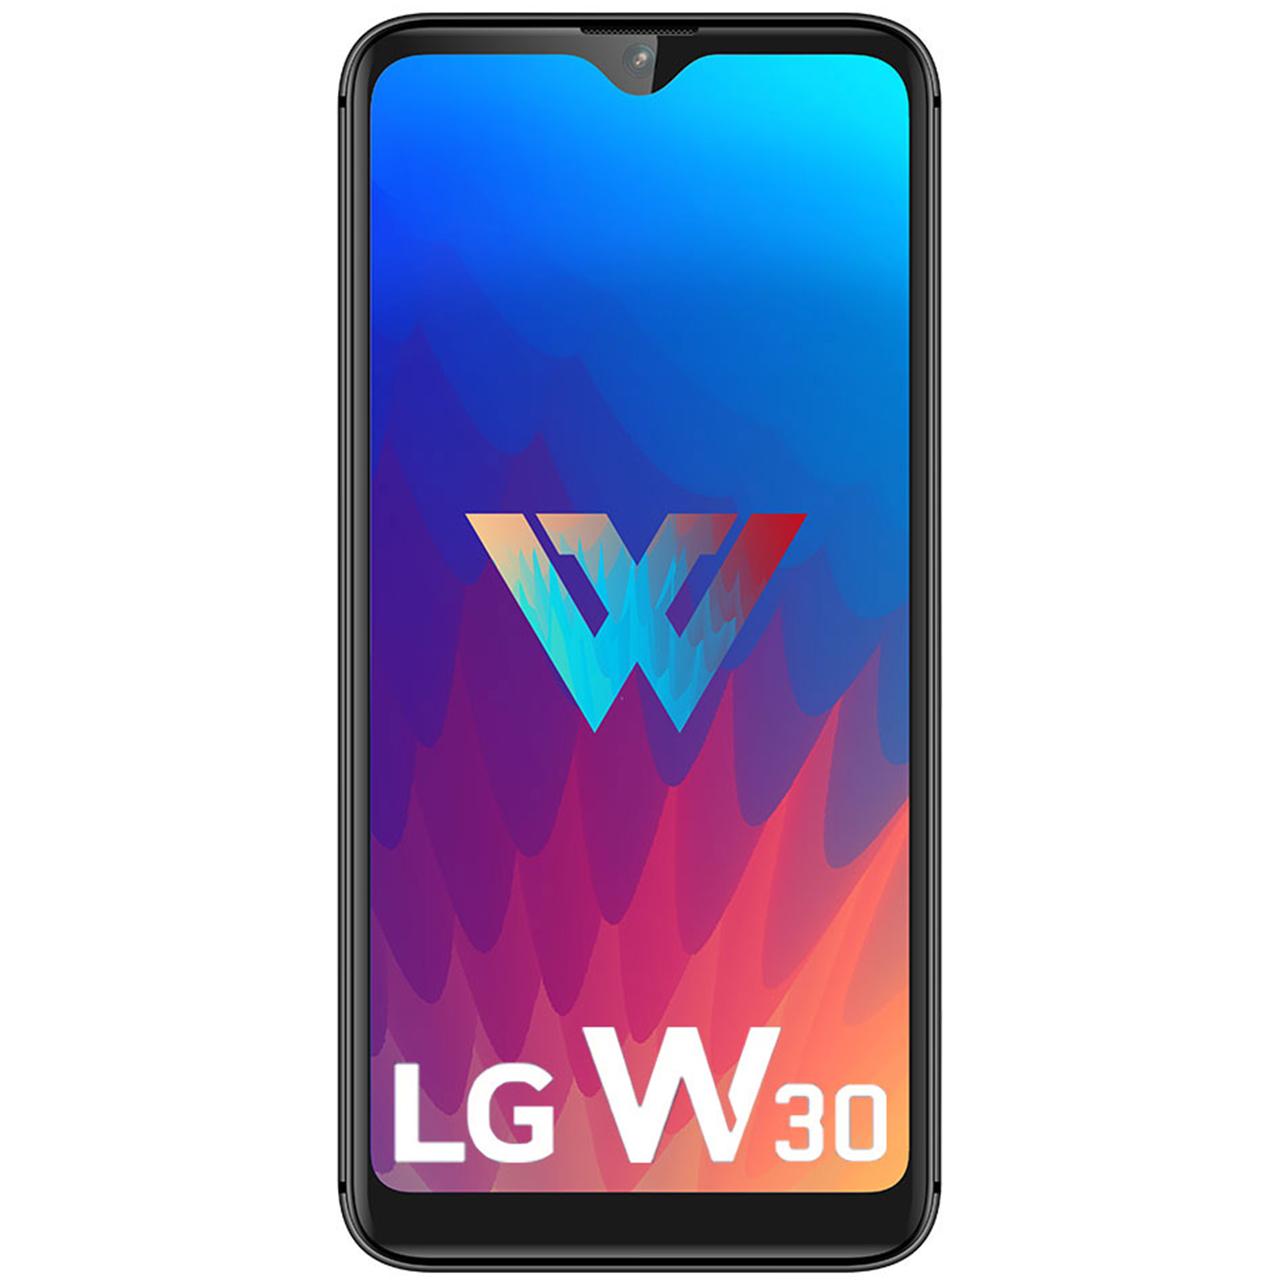 گوشی موبایل ال جی مدل  W30 LM-X440IM دو سیم کارت ظرفیت 32گیگابایت